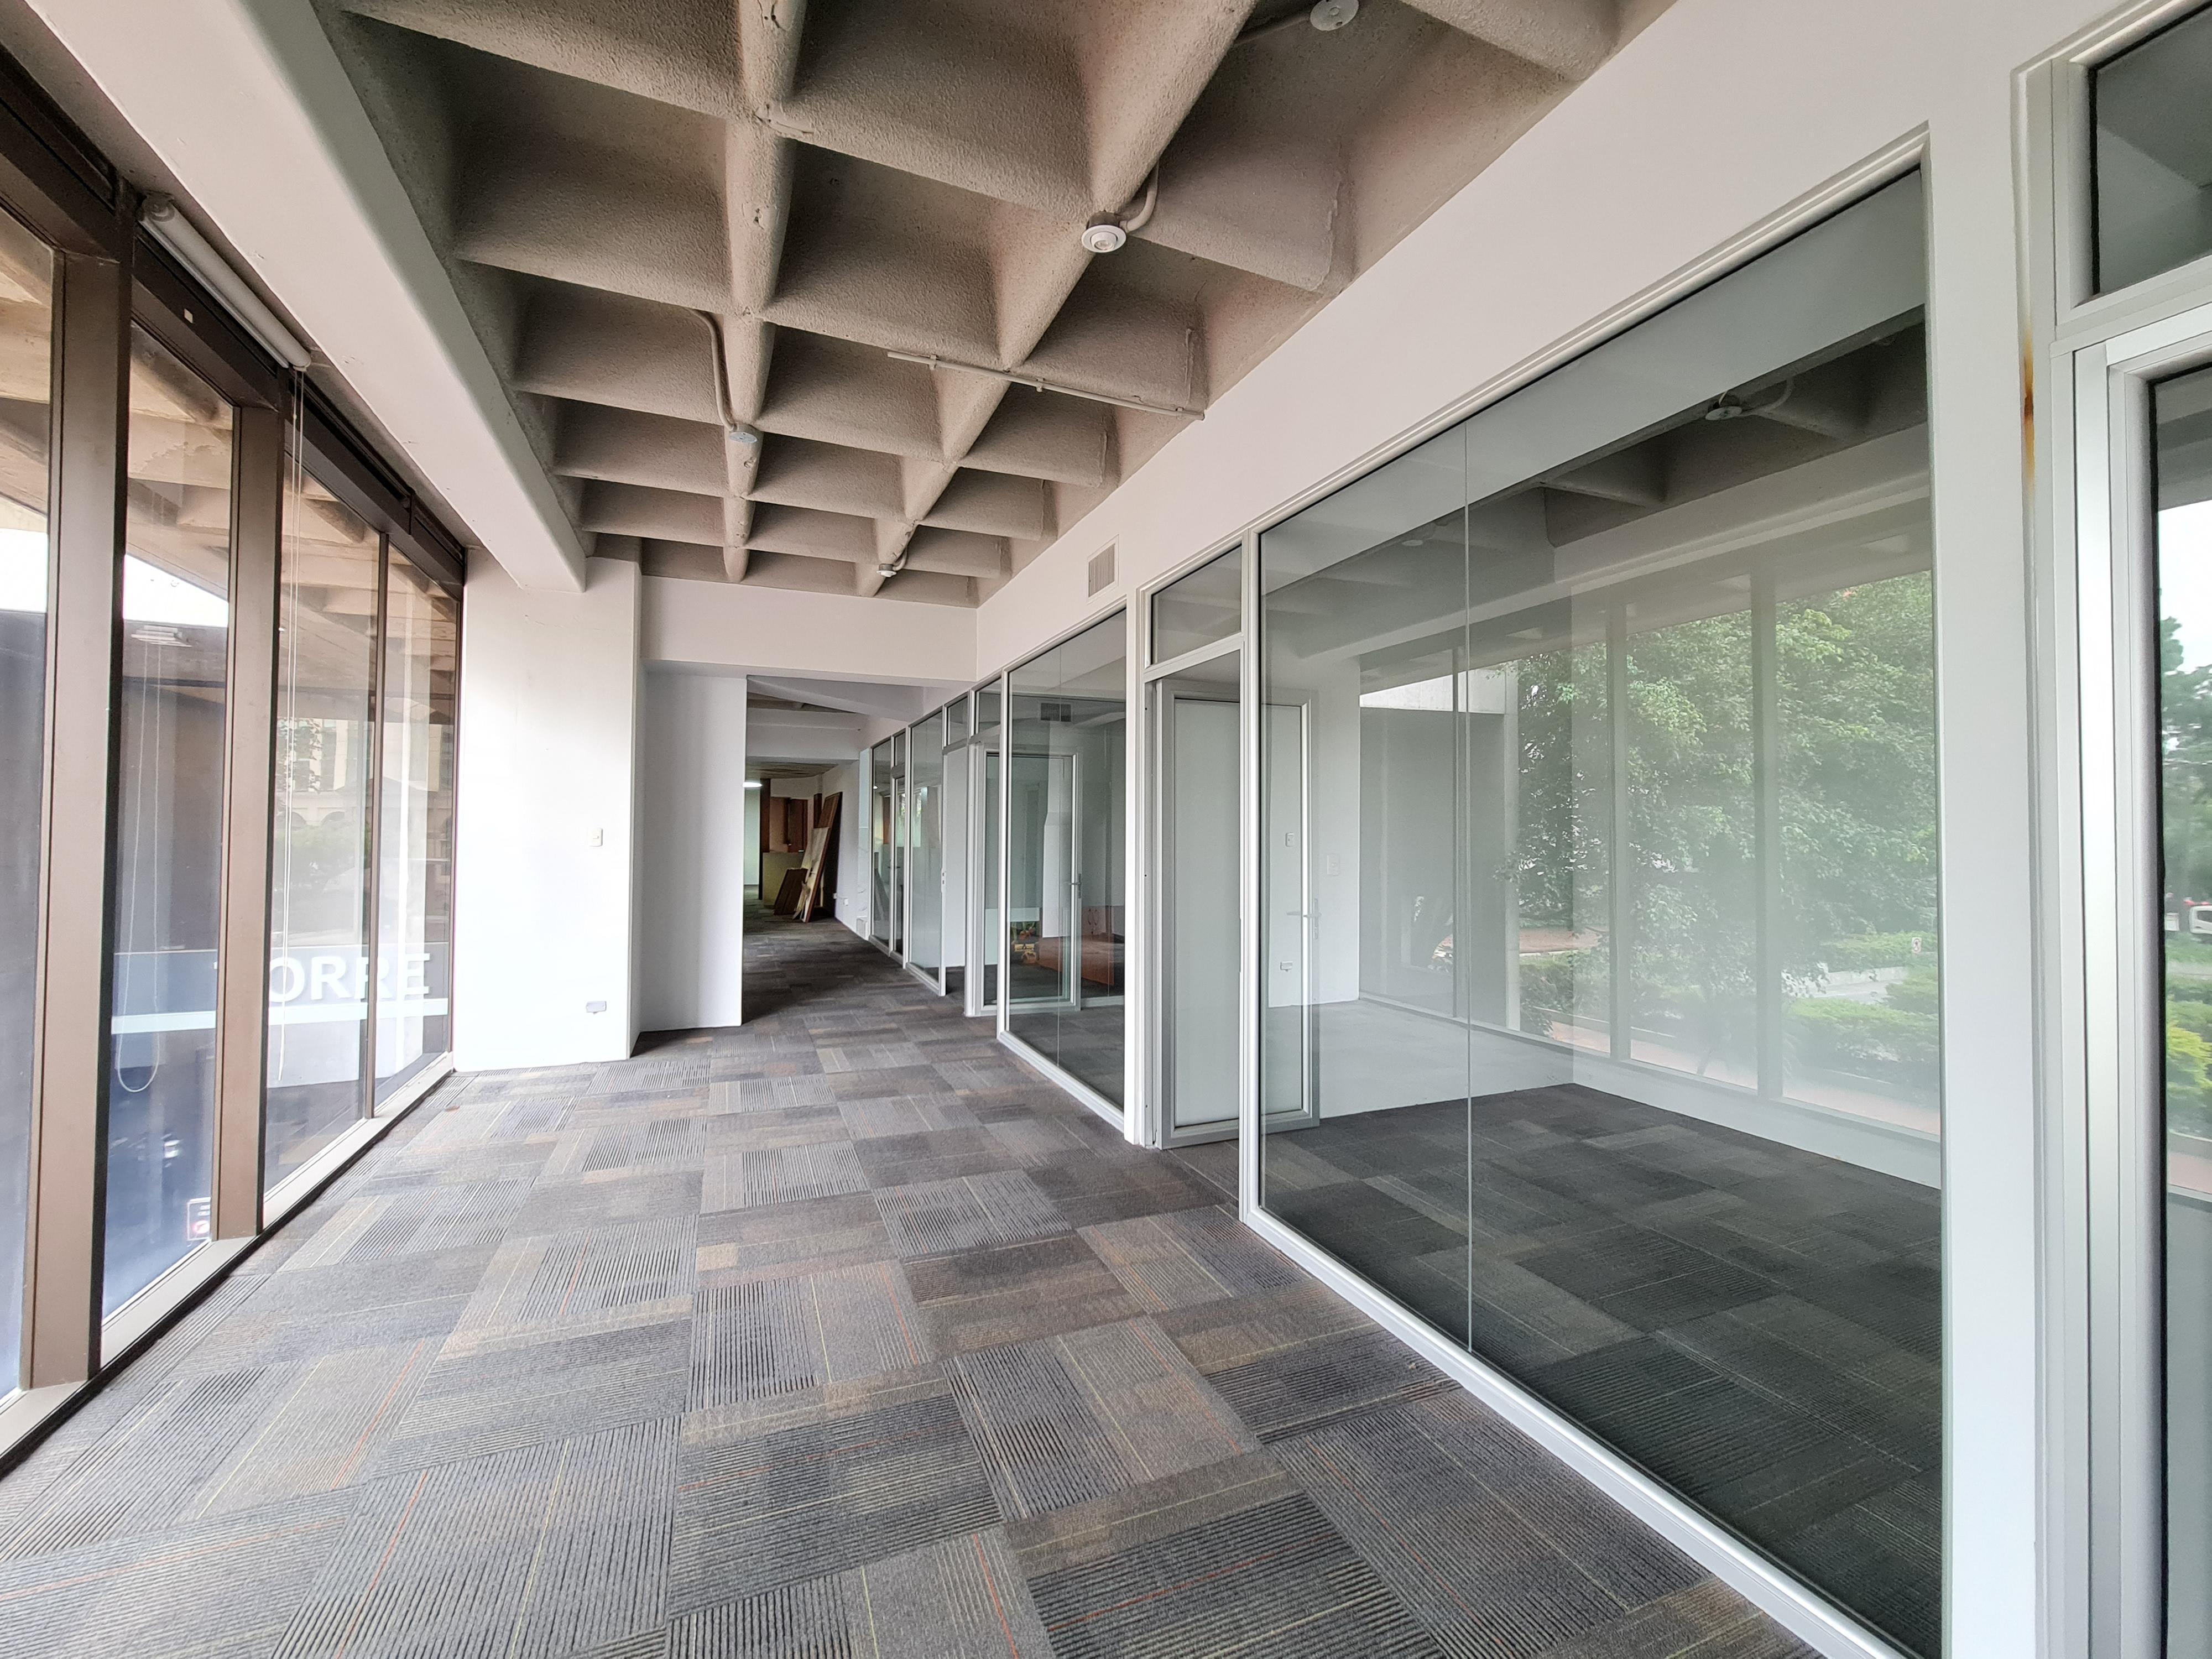 Exclusiva oficina en reconocido centro gerencial en zona 10 Guatemala